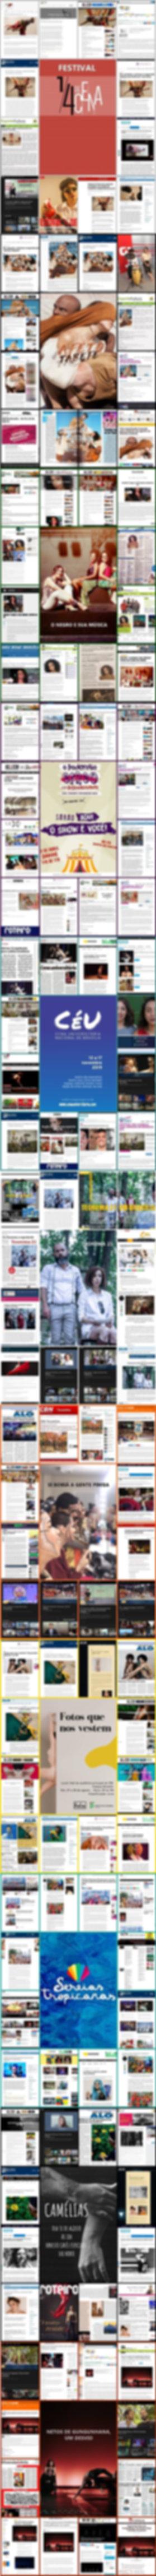 Assessoria Site.jpg